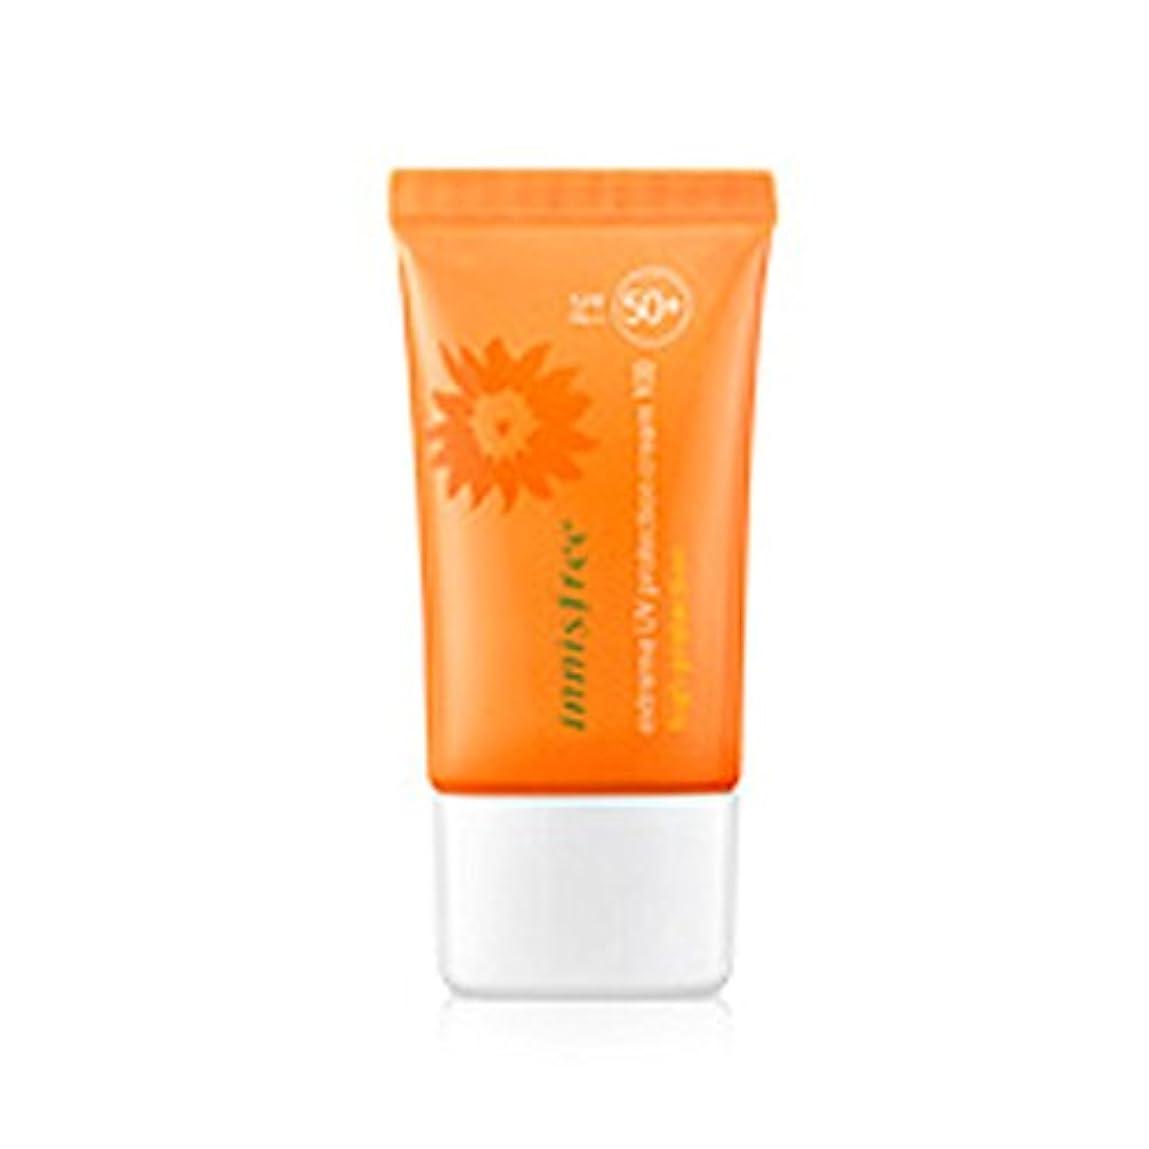 ハシー広げる睡眠イニスフリーエクストリームUVプロテクションクリーム100ハイプロテクション50ml   SPF50 + PA +++ Innisfree Extreme UV Protection Cream100 High Protection...